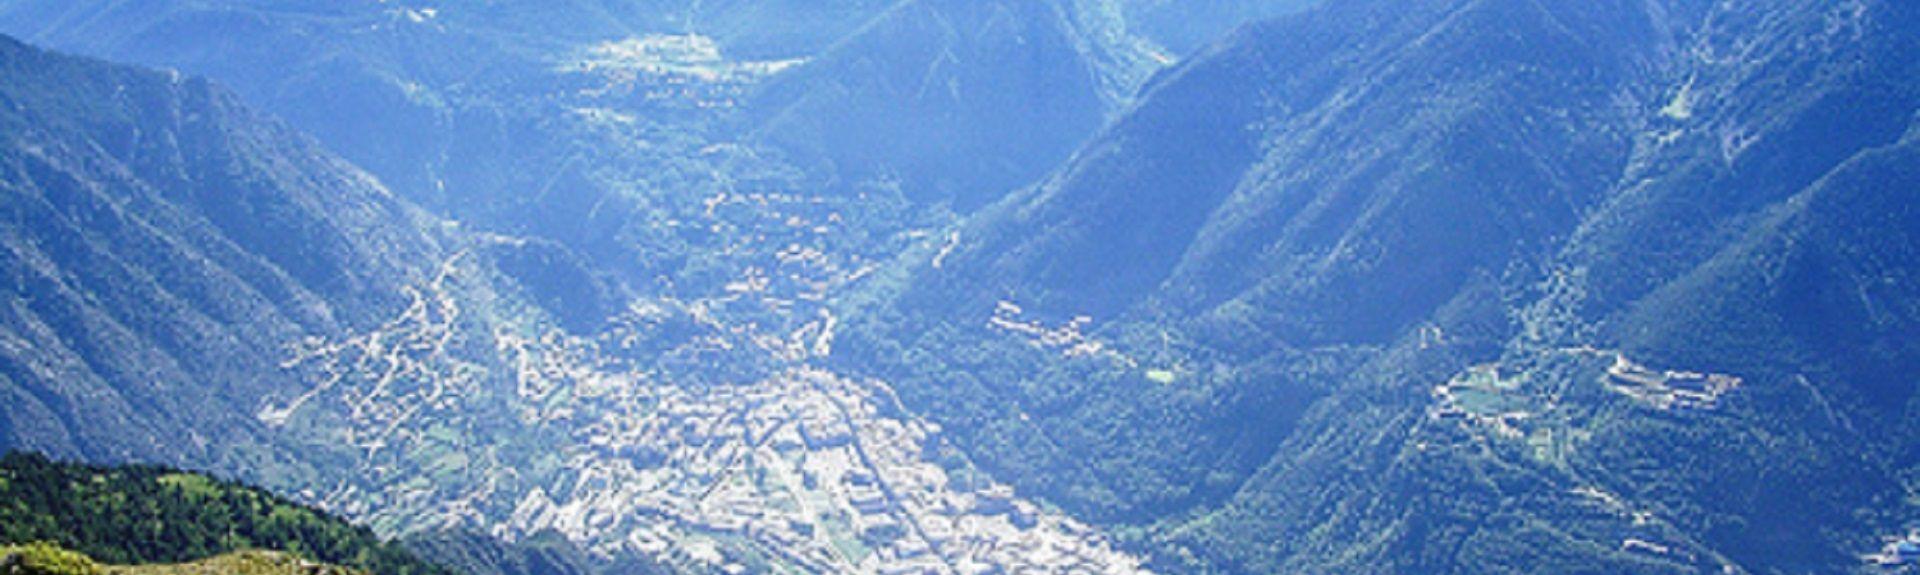 El Tarter, Canillo, Andorra